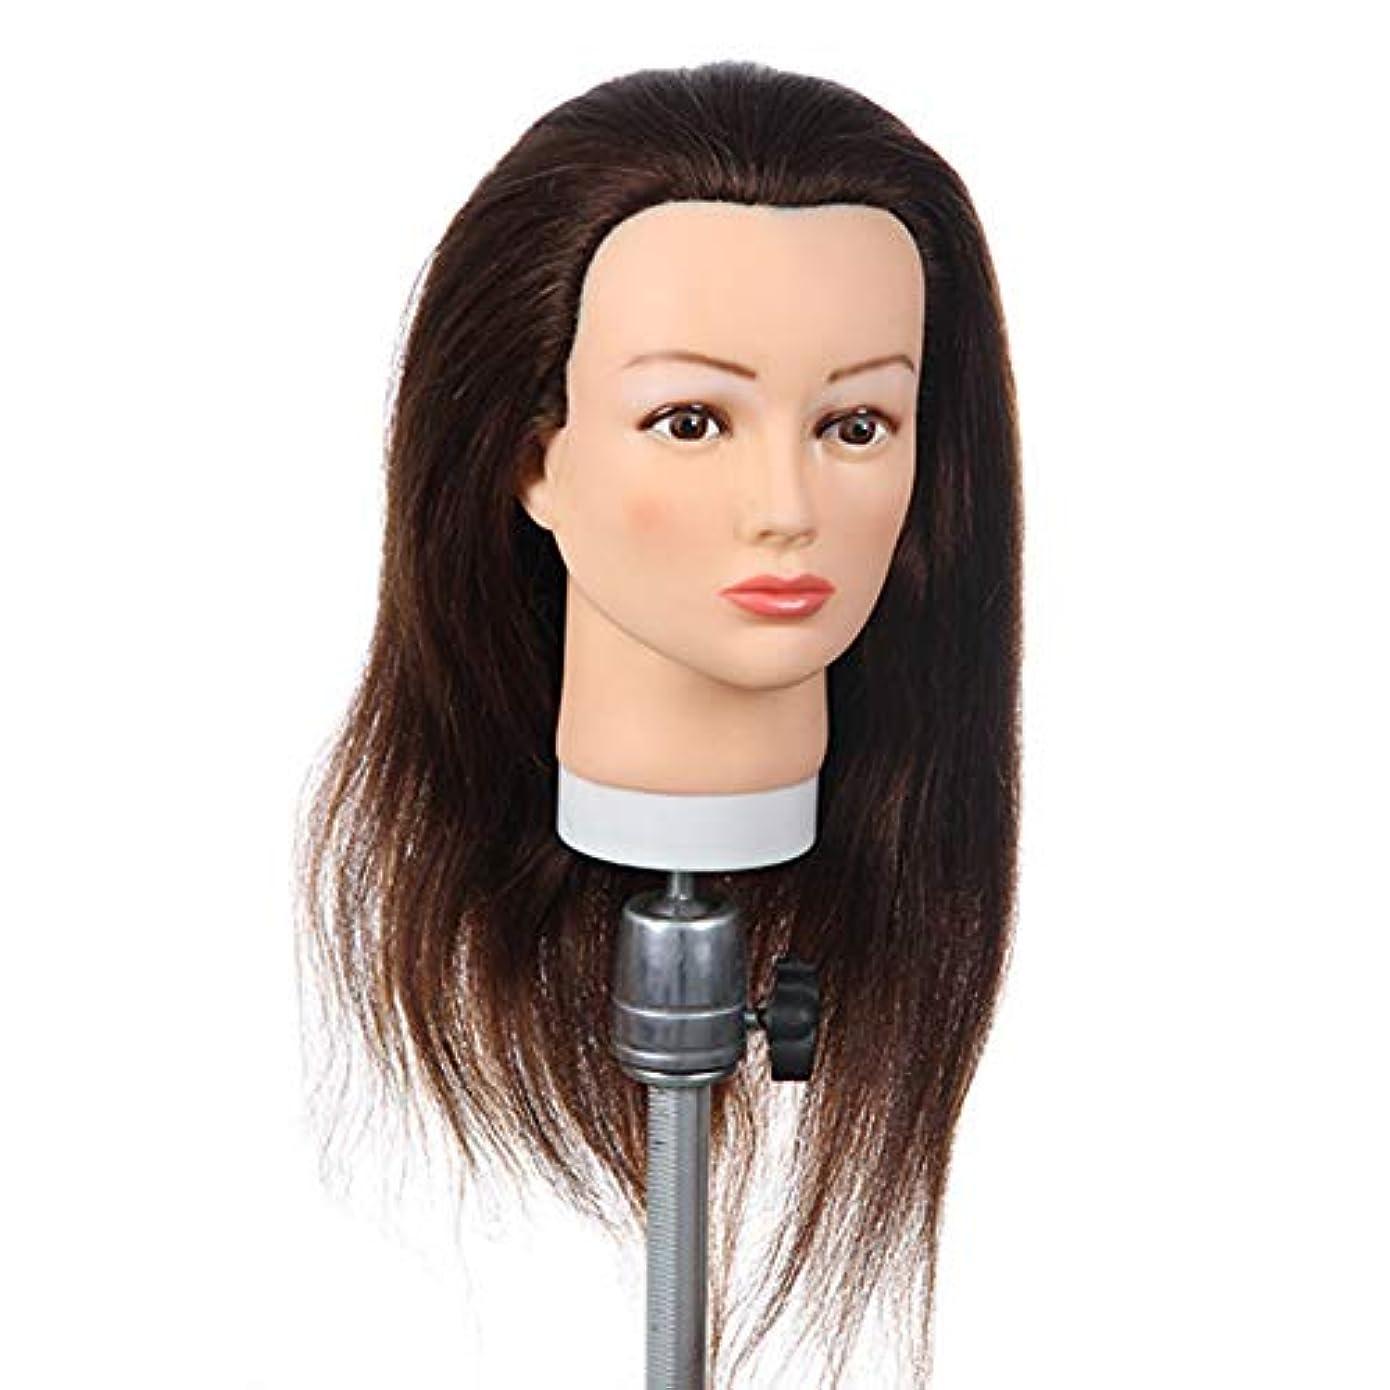 日常的にアレキサンダーグラハムベル襟理髪店理髪練習ヘッドパーマ髪染め髪ダミーヘッド花嫁メイクスタイリング編組マネキンヘッド